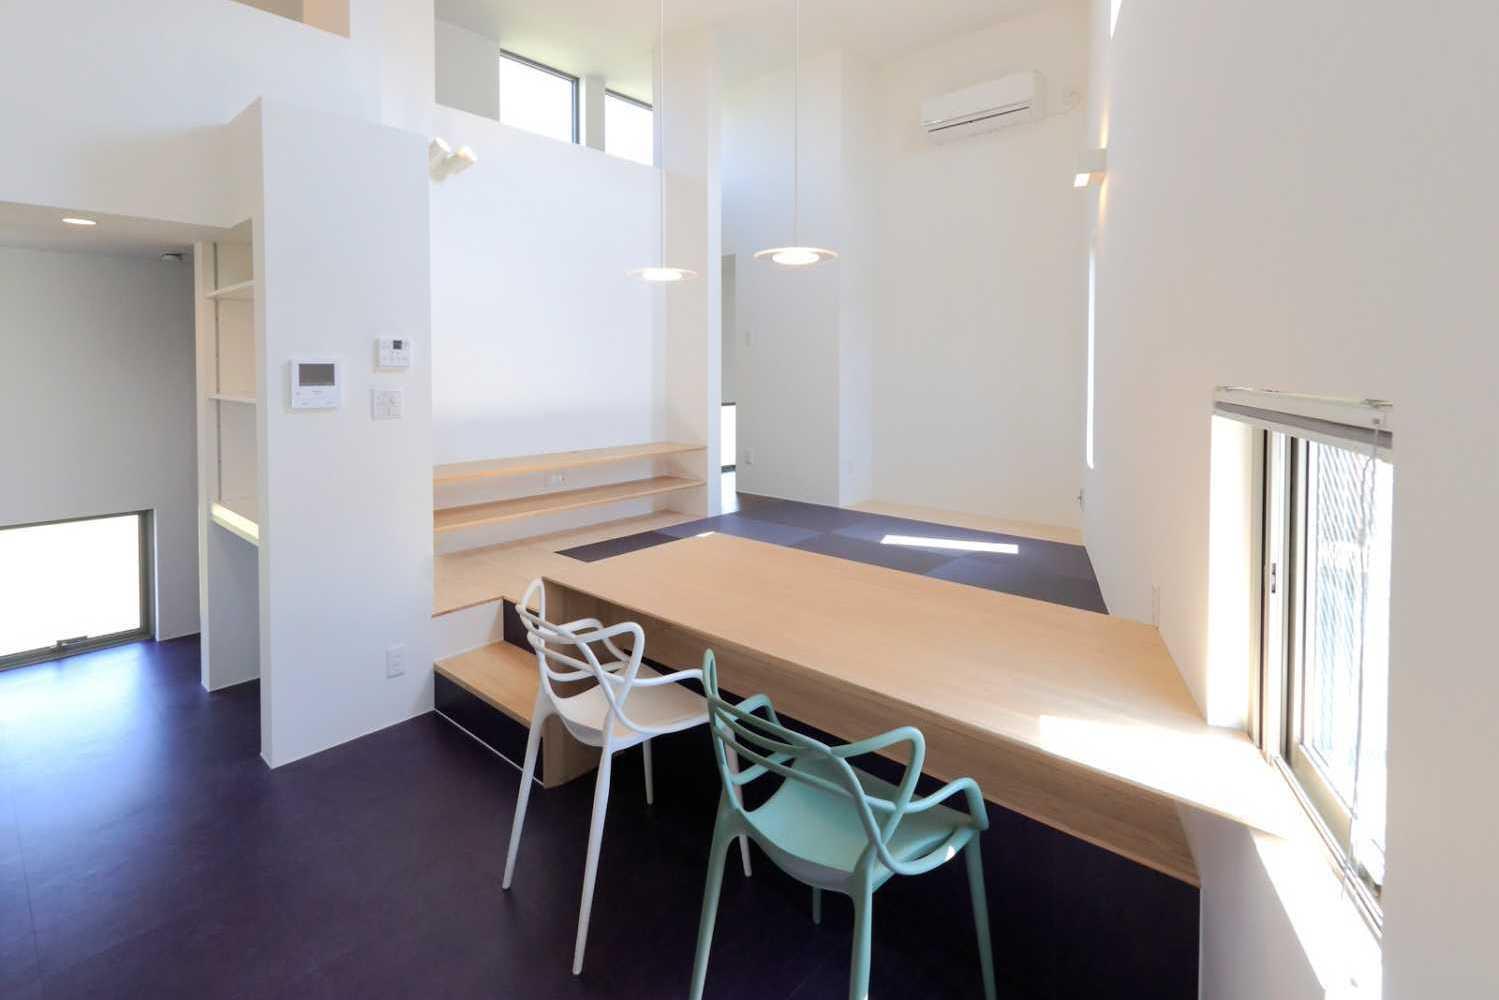 2階のLDKの中心は造り付けのテ-ブル。400㎜の段差で椅子と座敷の利用を可能にしている